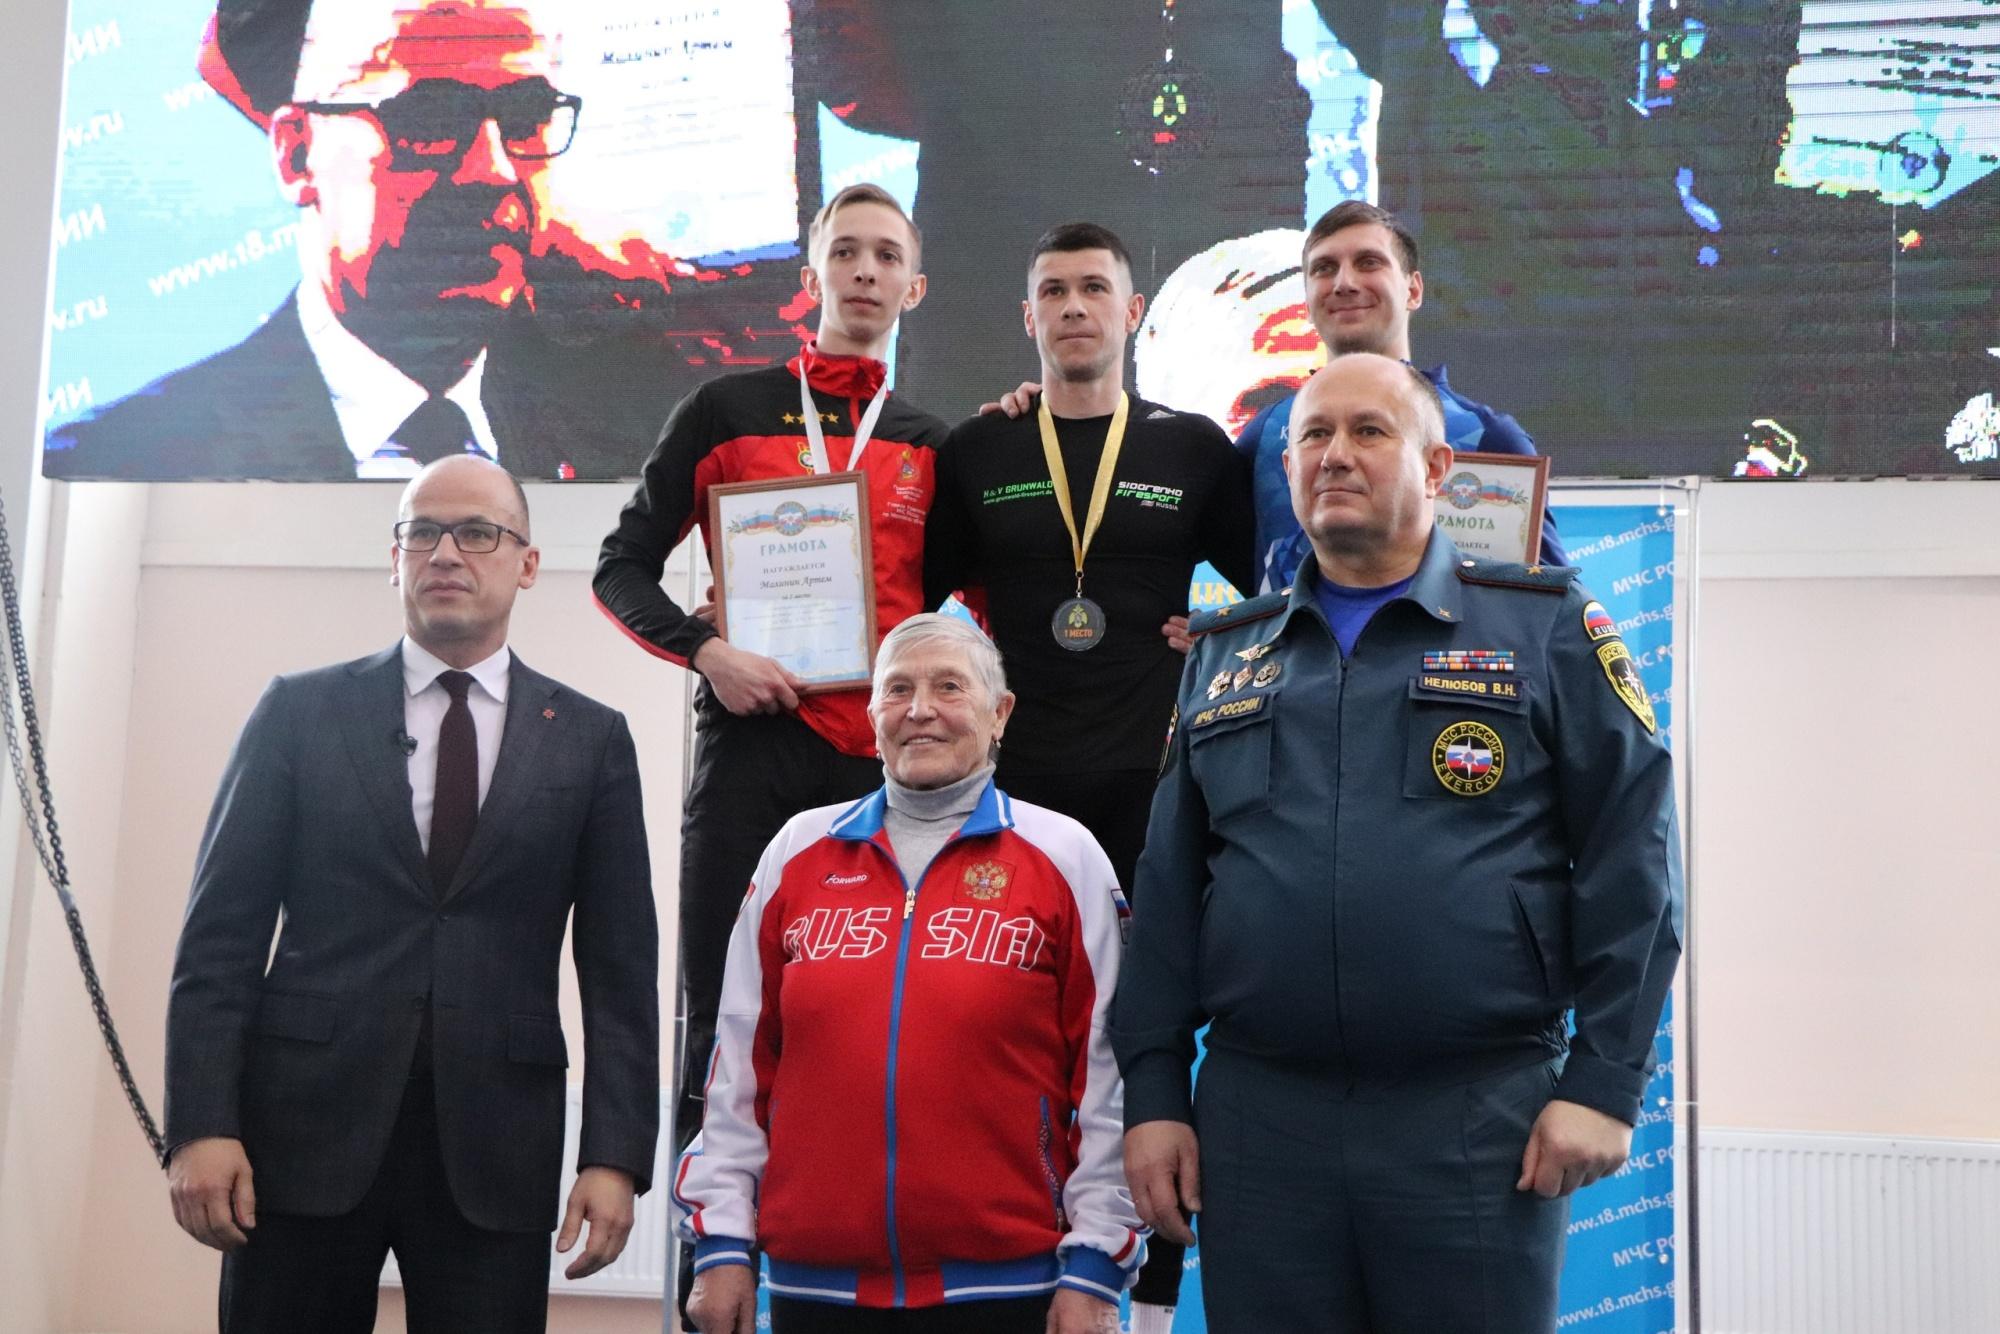 Спортсмены из Подмосковья завоевали медали на Всероссийских соревнованиях по пожарно-спасательному спорту на Кубок МЧС России